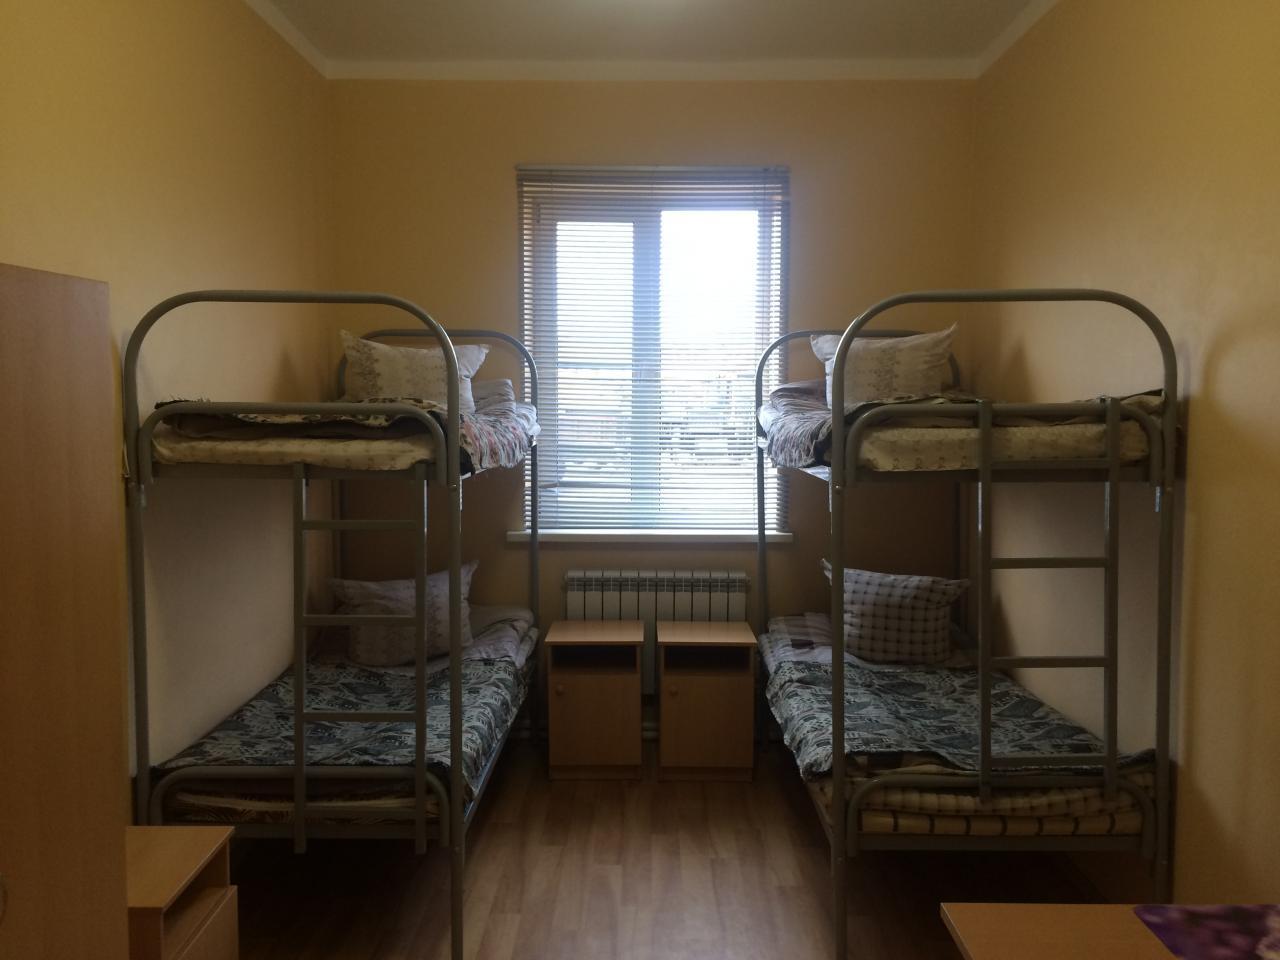 Койко место в общежитии | фото 1 из 6